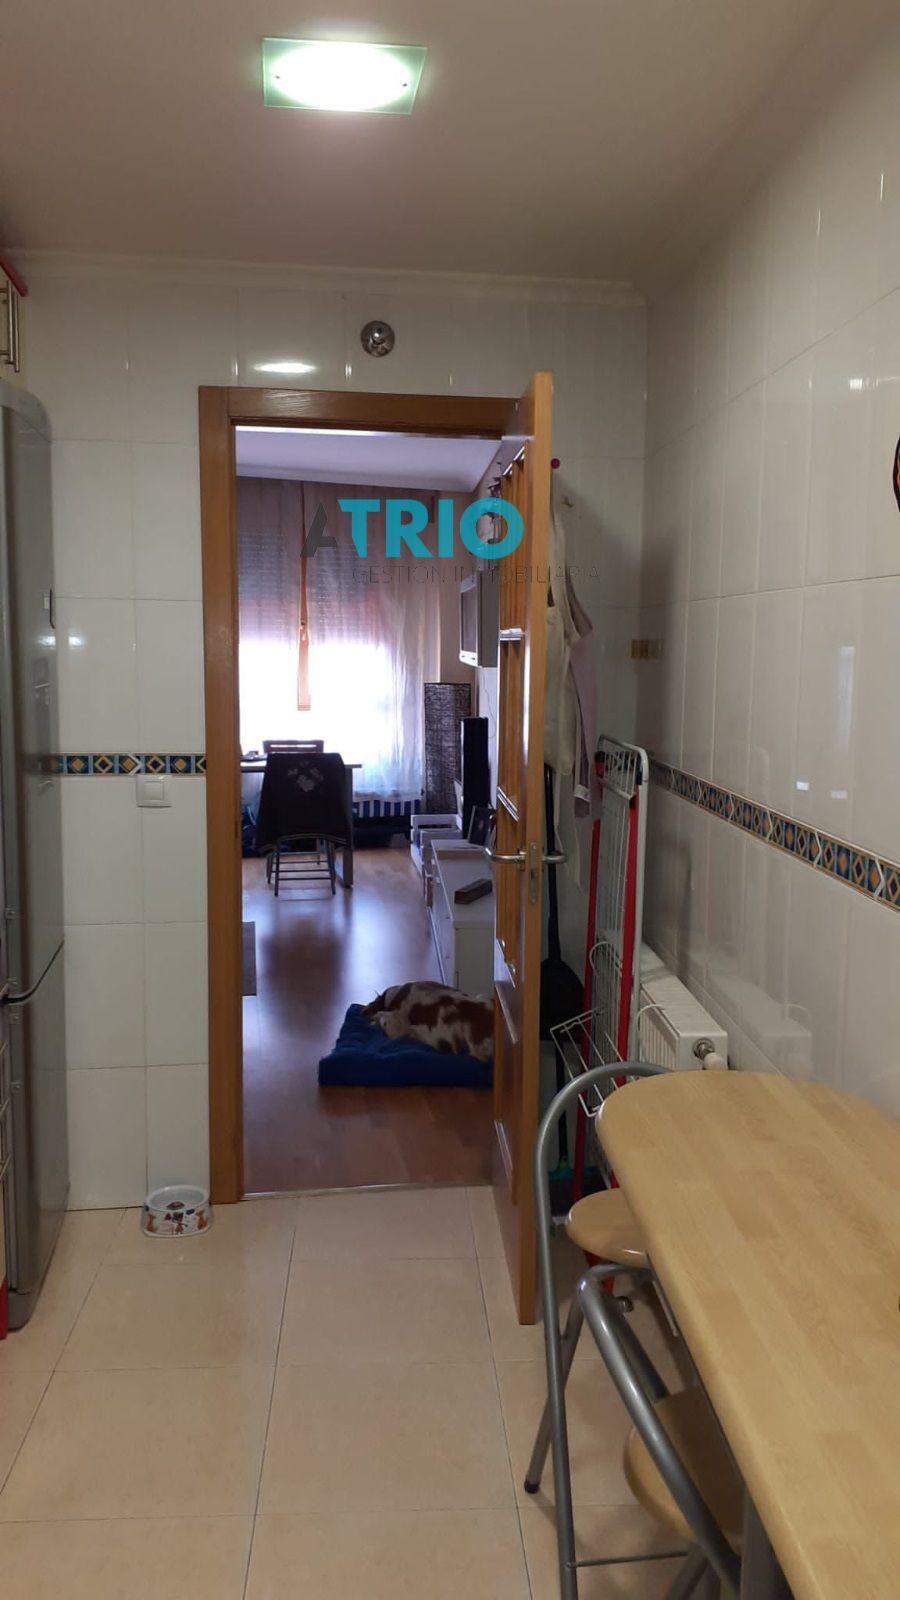 dia.mobiliagestion.es/Portals/inmoatrio/Images/7428/6445392